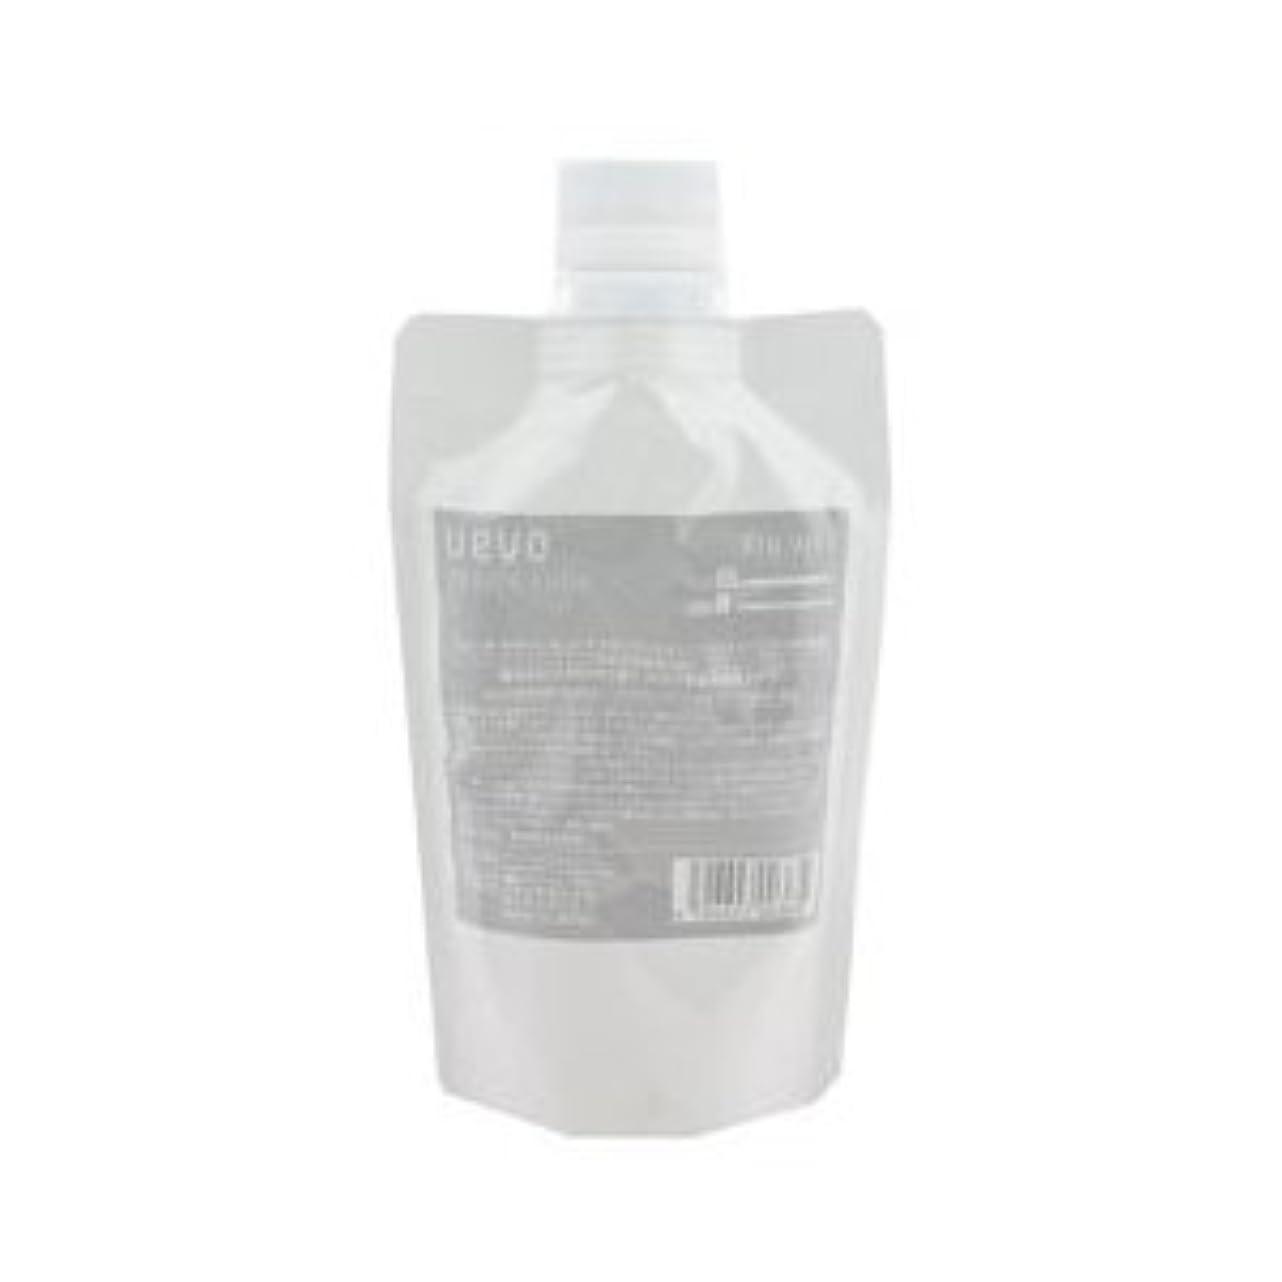 効率的徴収私達【X2個セット】 デミ ウェーボ デザインキューブ ドライワックス 200g 業務用 dry wax